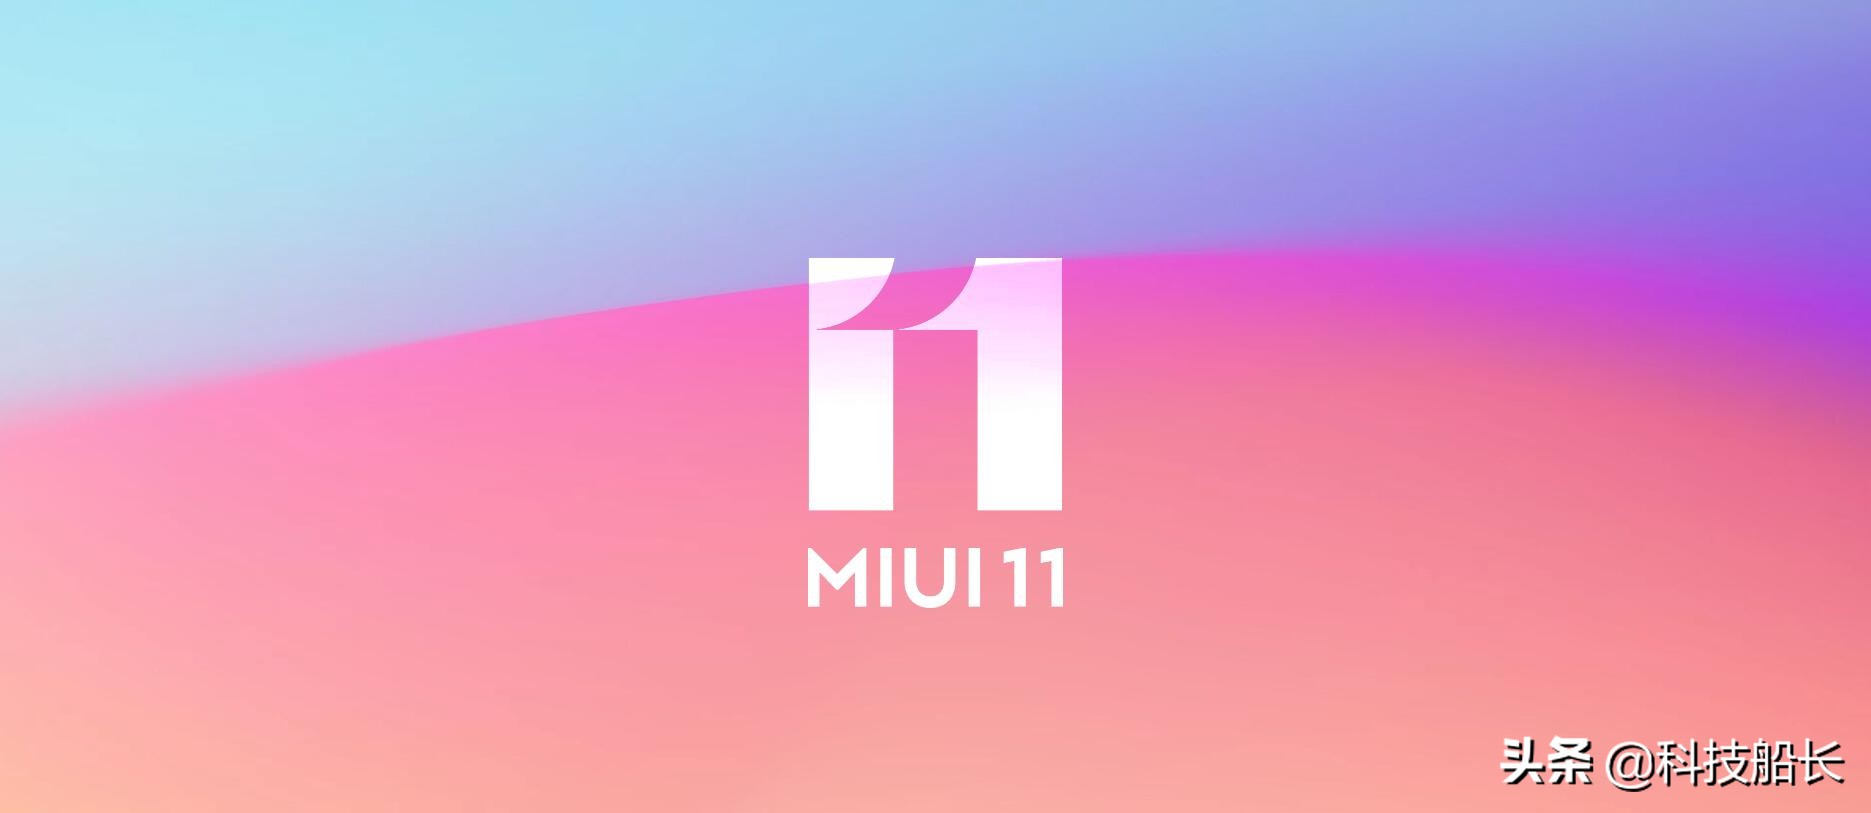 今年度最好手机操作系统:小米MIUI11